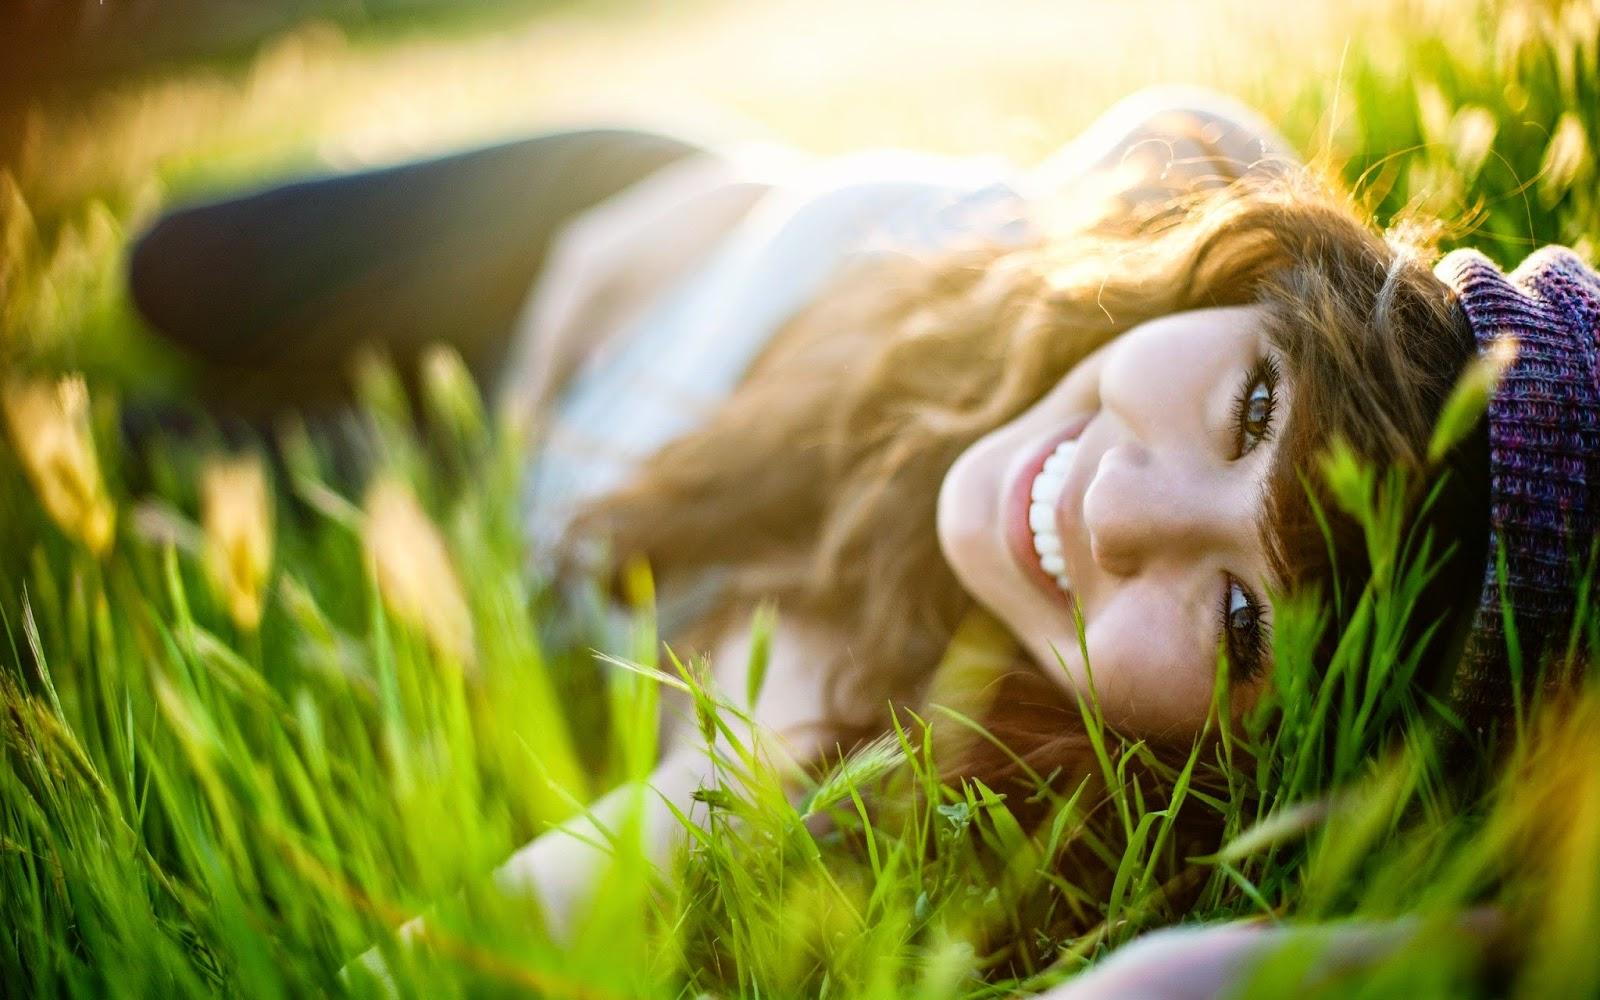 10 cách đơn giản để cười mỗi ngày